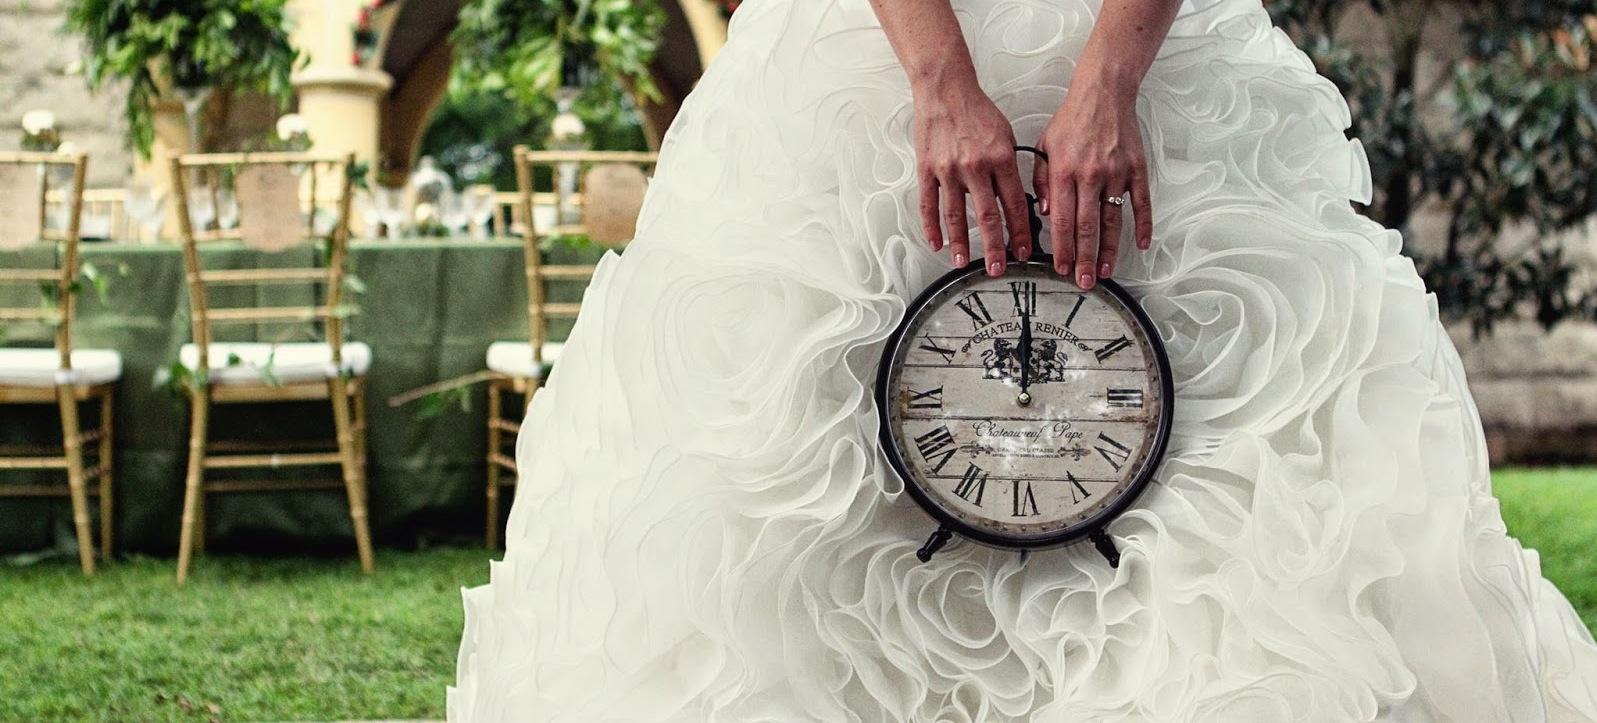 мой картинки с предстоящей свадьбой невесте правильно сделать